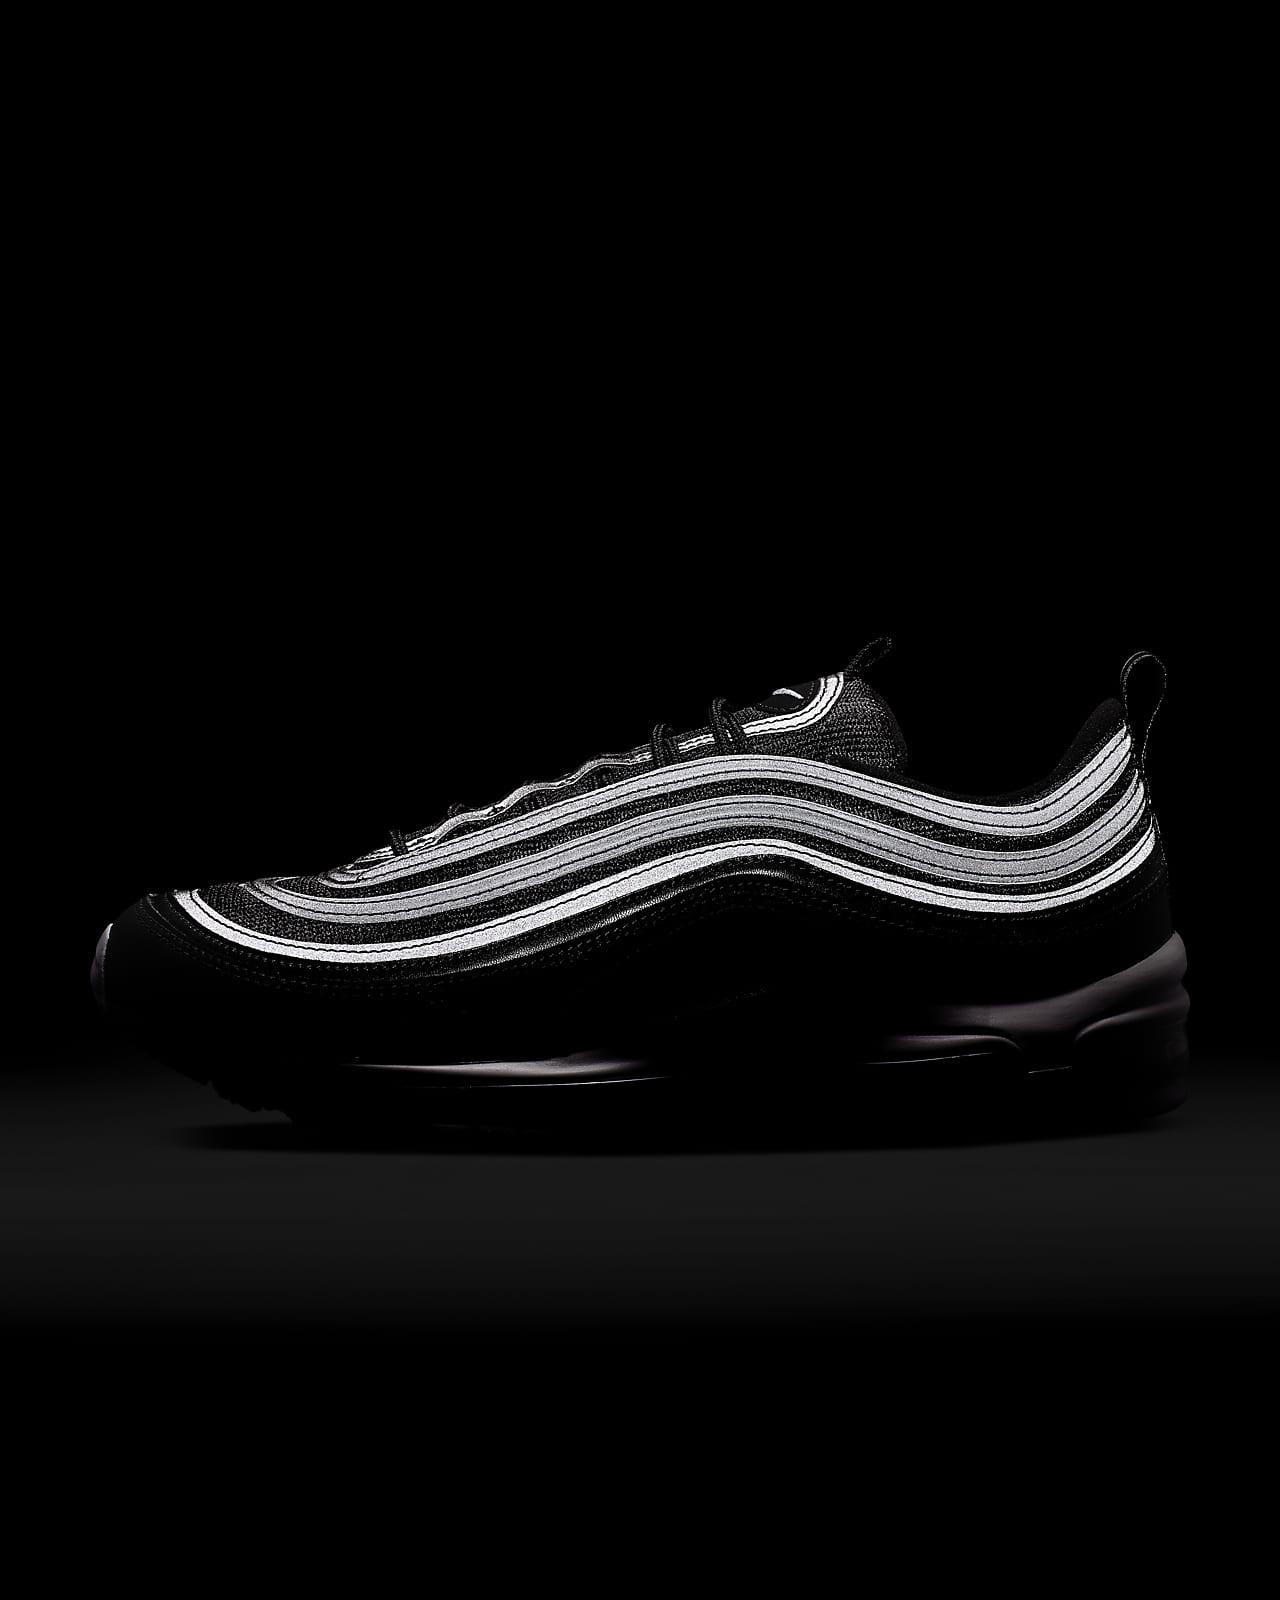 air max 97 noir et blanc